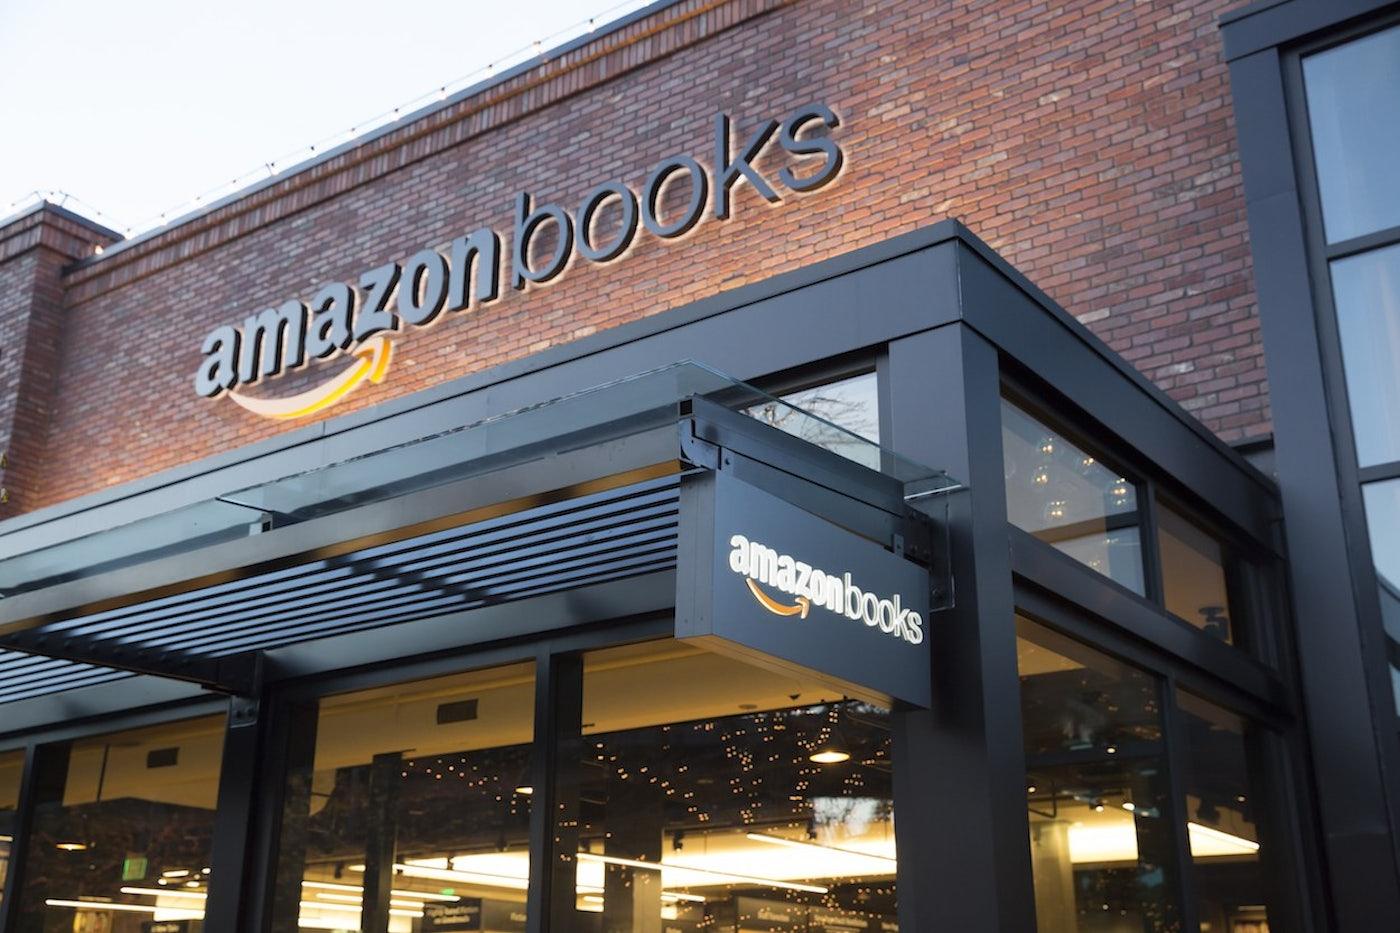 L'edificio a mattoncini che ospita la prima libreria di Amazon a Seattle.